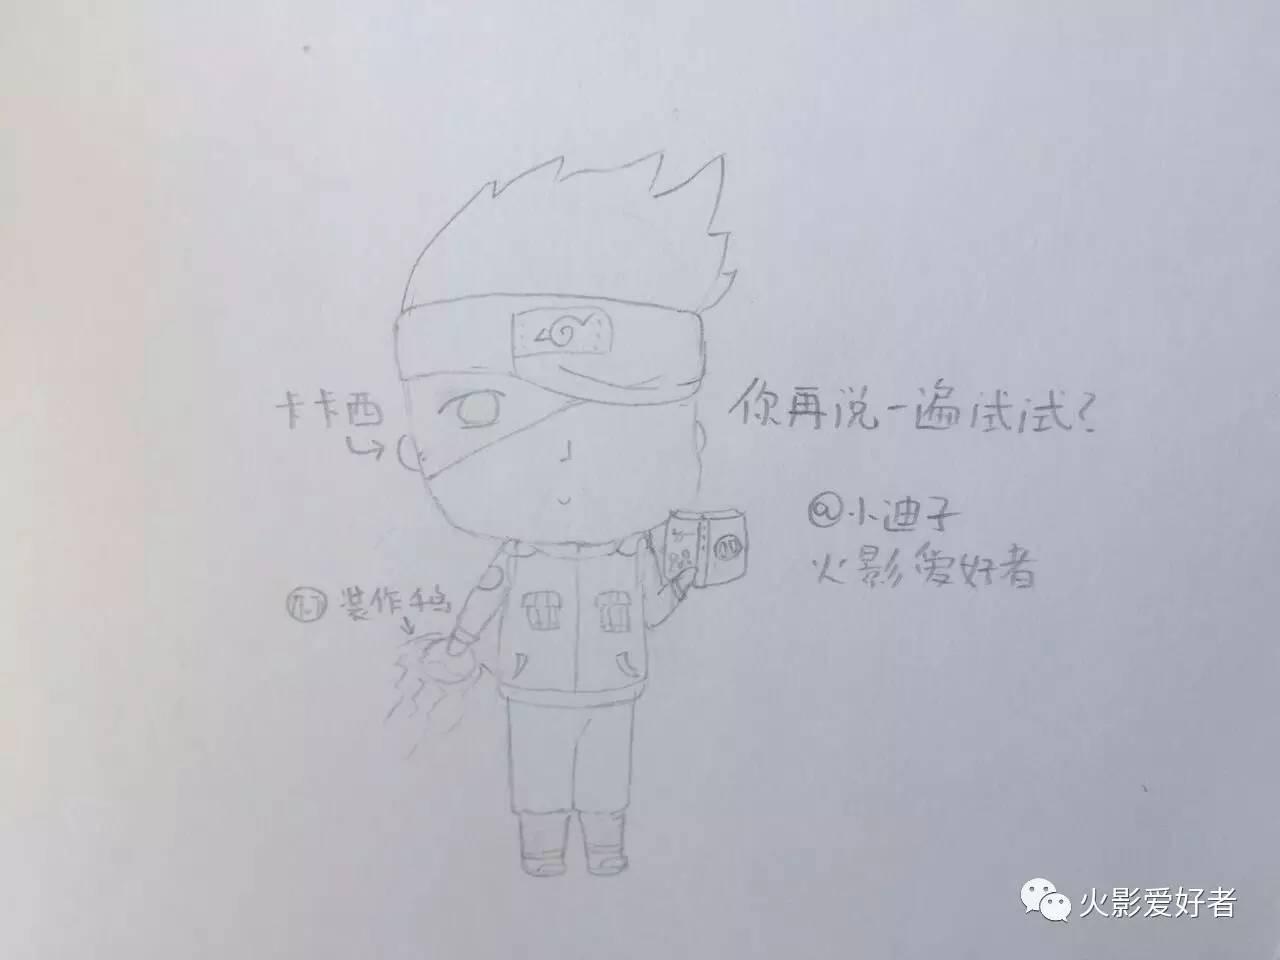 【火影手绘】@小迪子——火影手绘投稿第196期